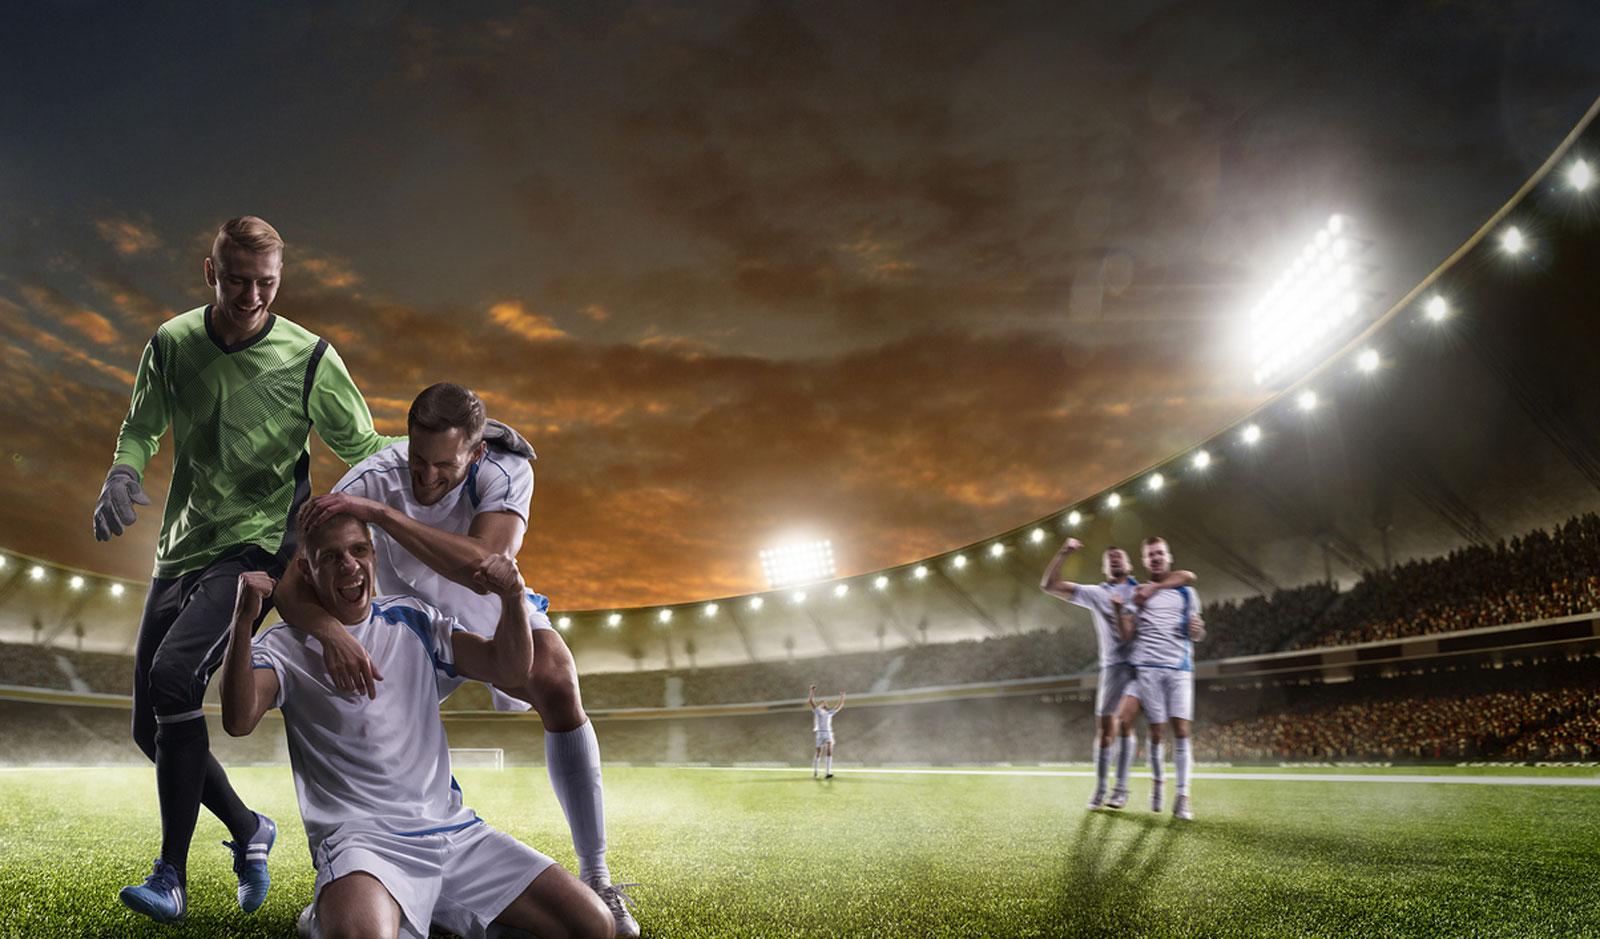 Fondo análisis casas de apuestas deportivas Betway